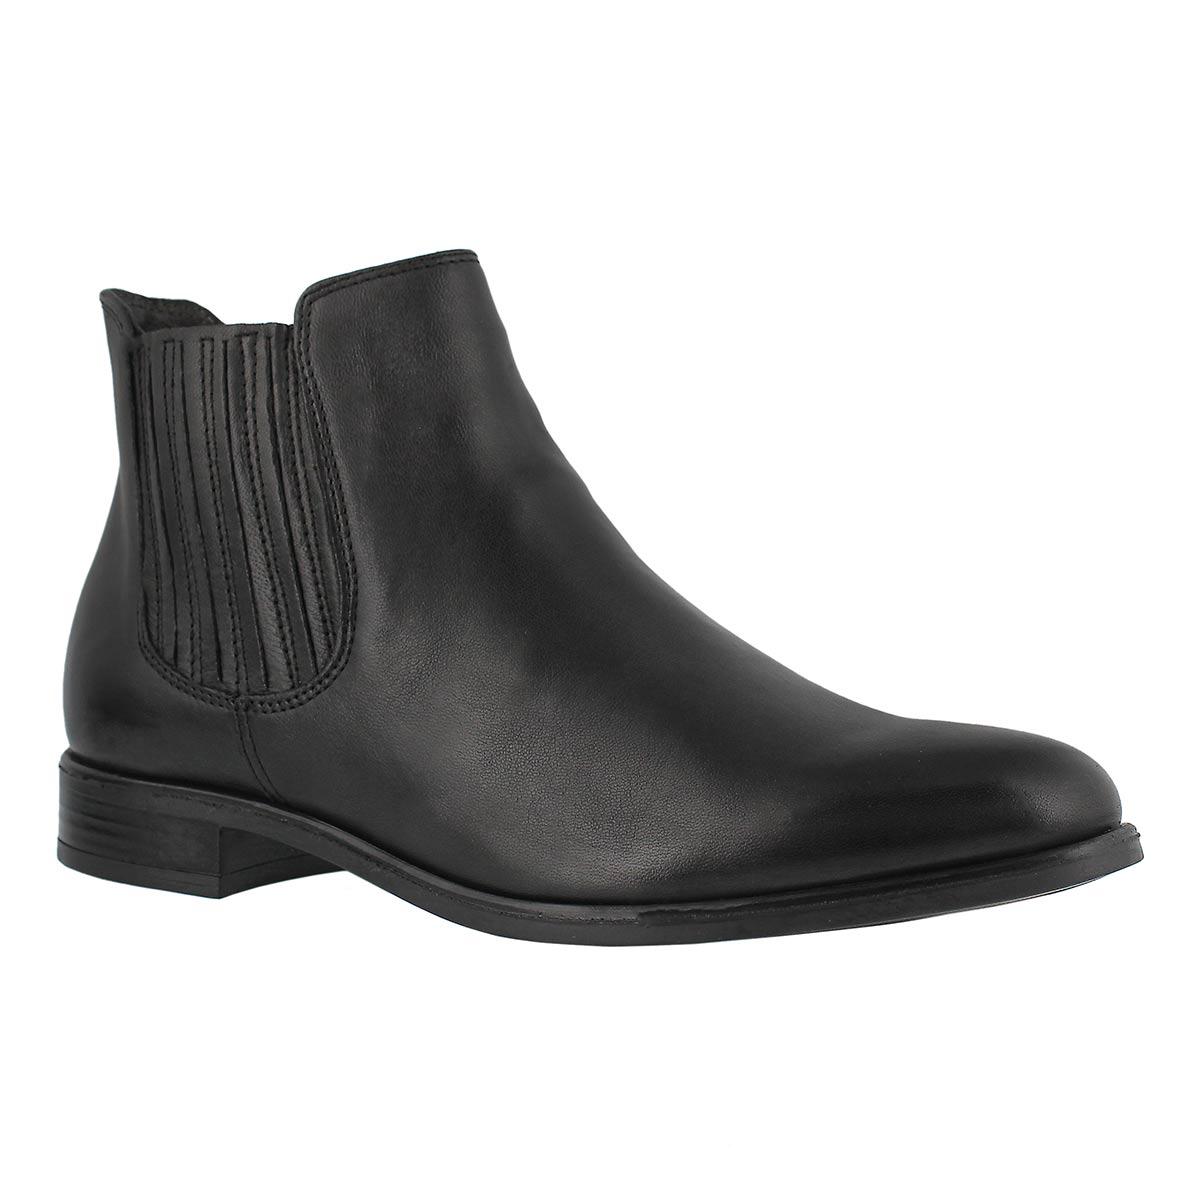 Lds April black slip on chelsea boot